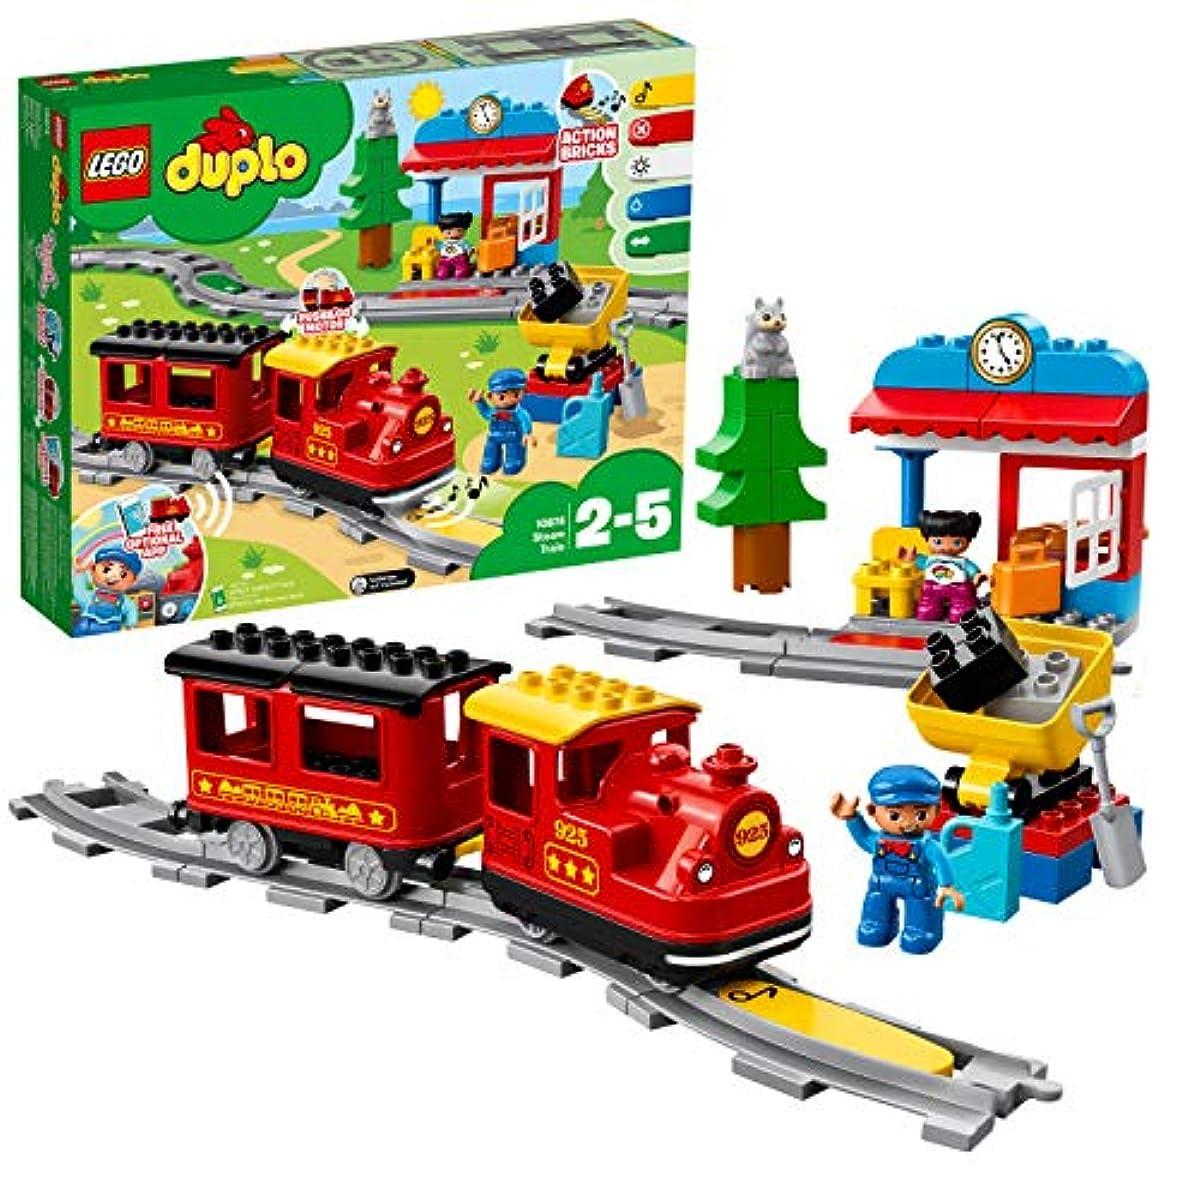 [해외] 레고(LEGO)듀플로 그마이스터 (meister) 차장씨! 하 GO기관차 디럭스 10874